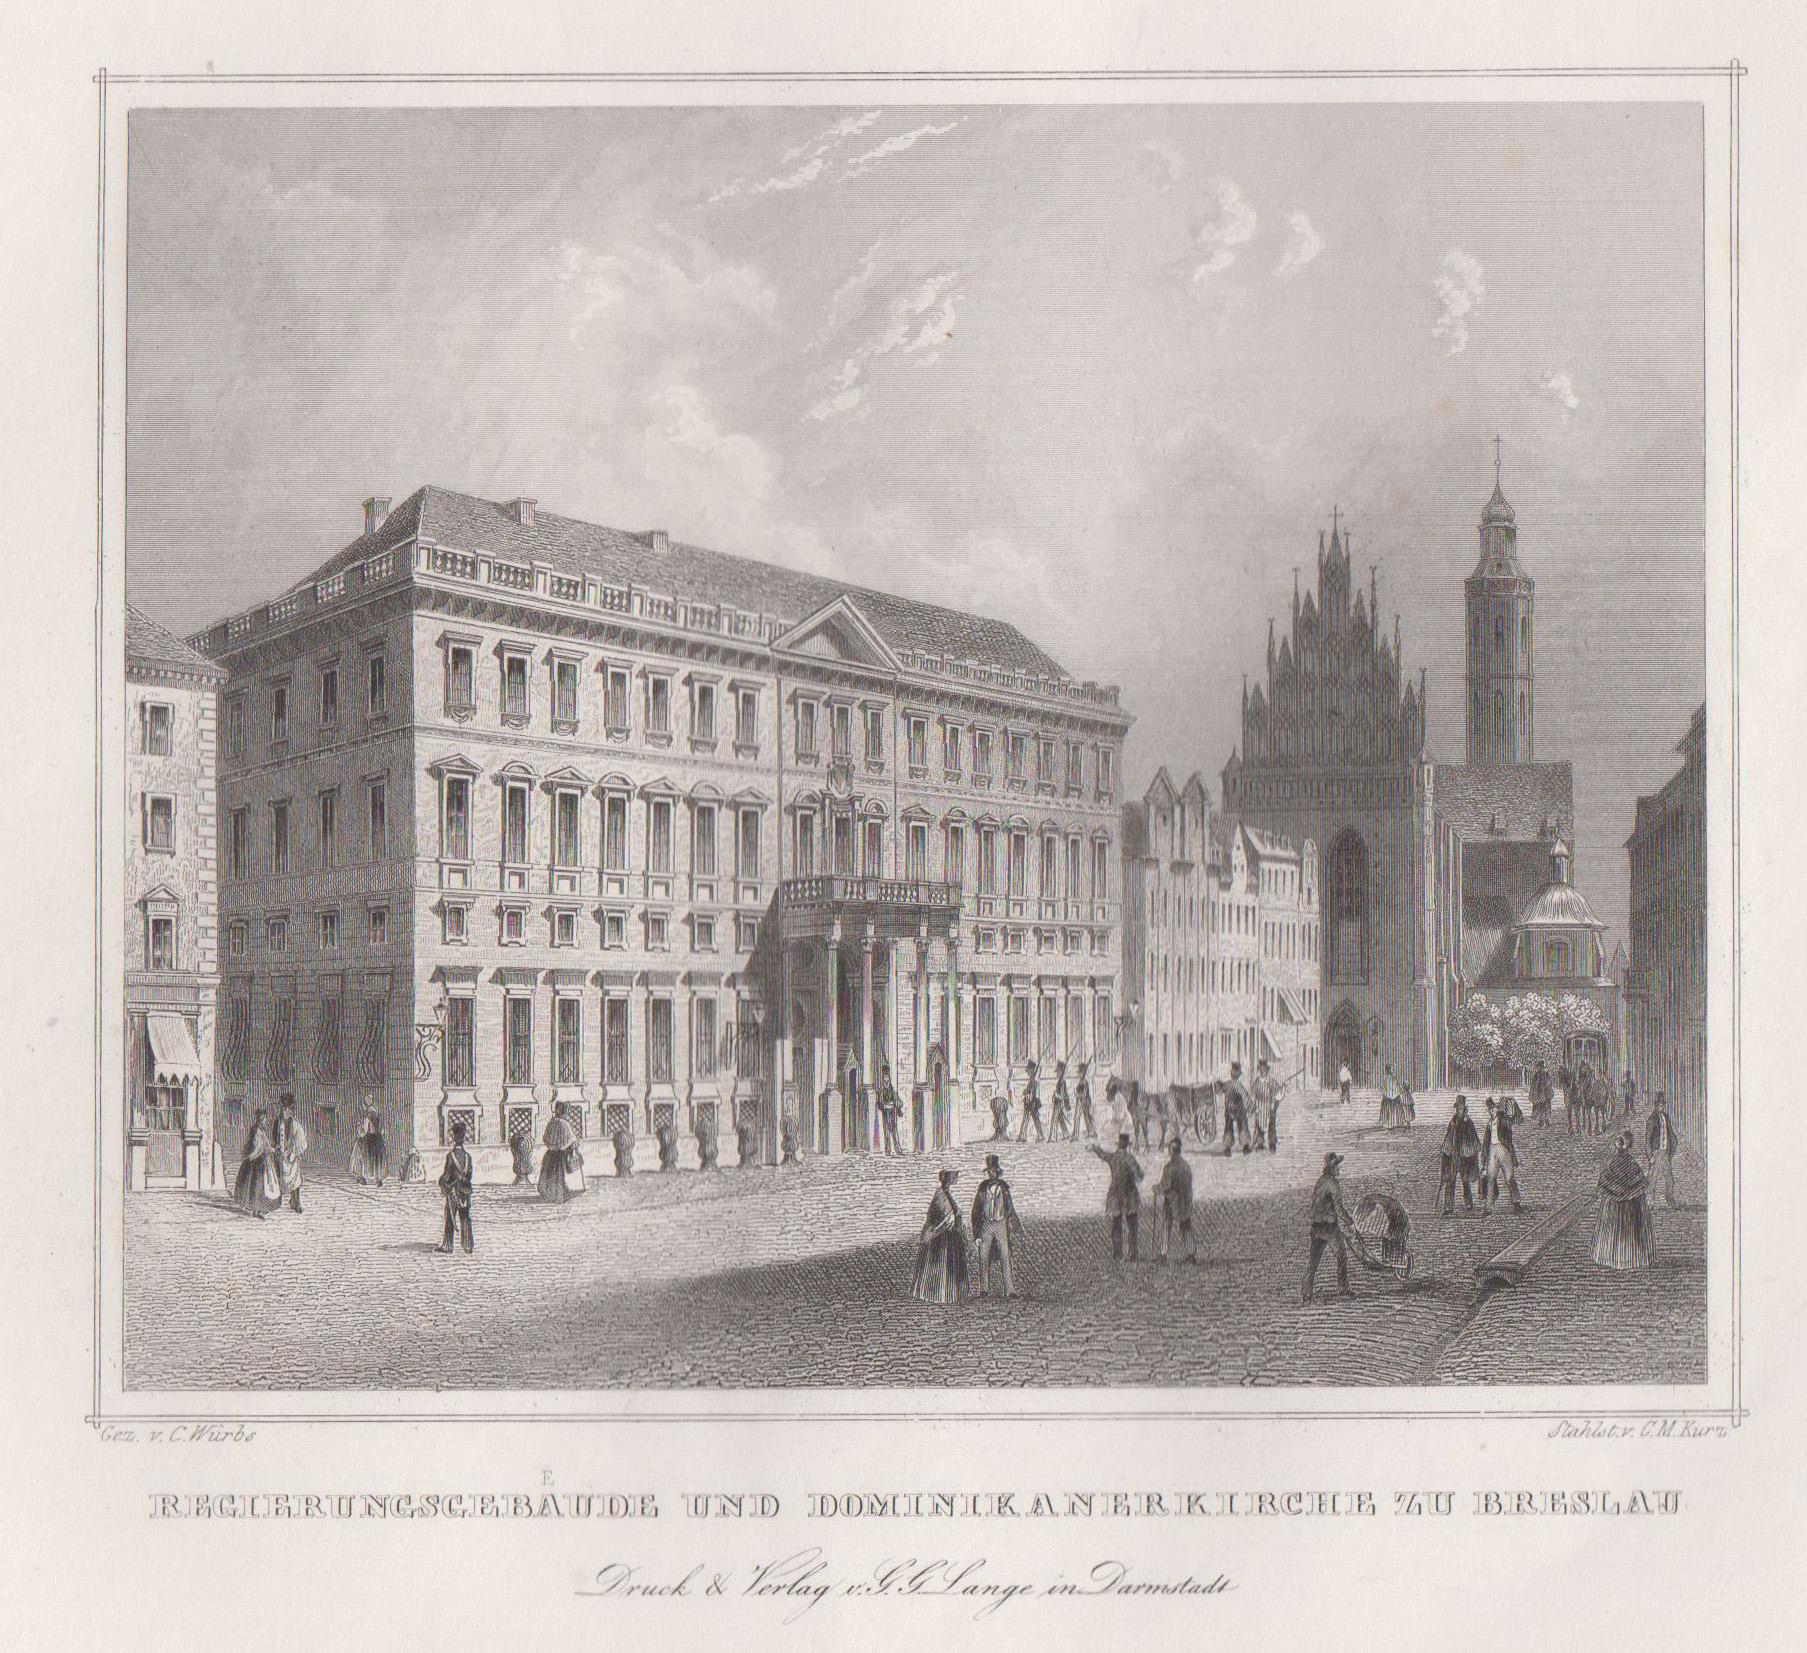 TA., Regierungsgebäude ( Palais Hatzfeld ) und: Breslau ( Wroclaw